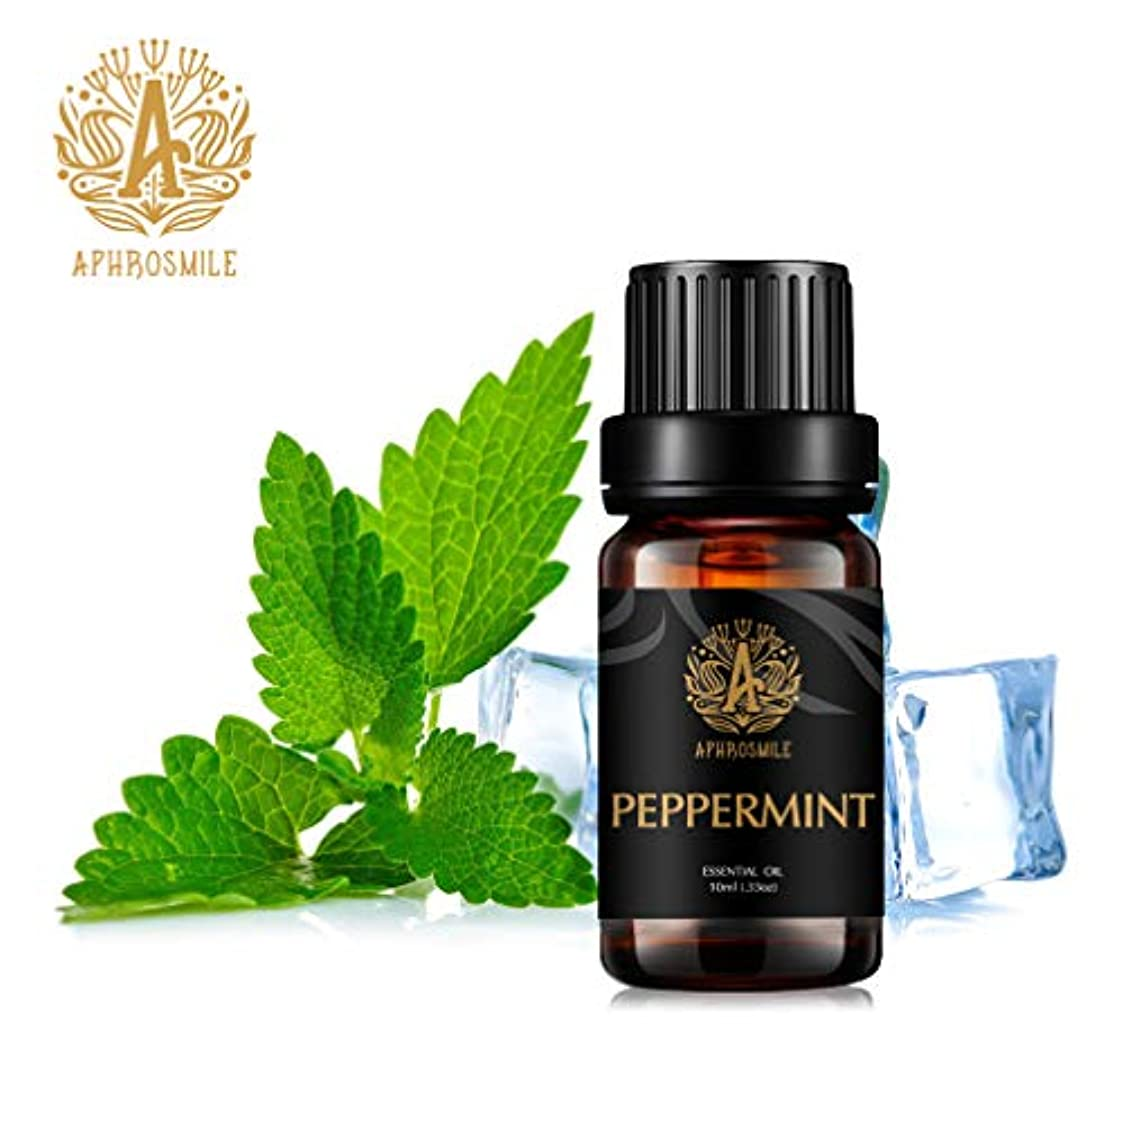 量で有用探すペパーミントの精油、100%純粋なアロマセラピーエッセンシャルオイルペパーミントの香り、明確な思考と、治療用グレードエッセンシャルオイルペパーミントの香り為にディフューザー、マッサージ、加湿器、デイリーケア、0.33オンス-10ml